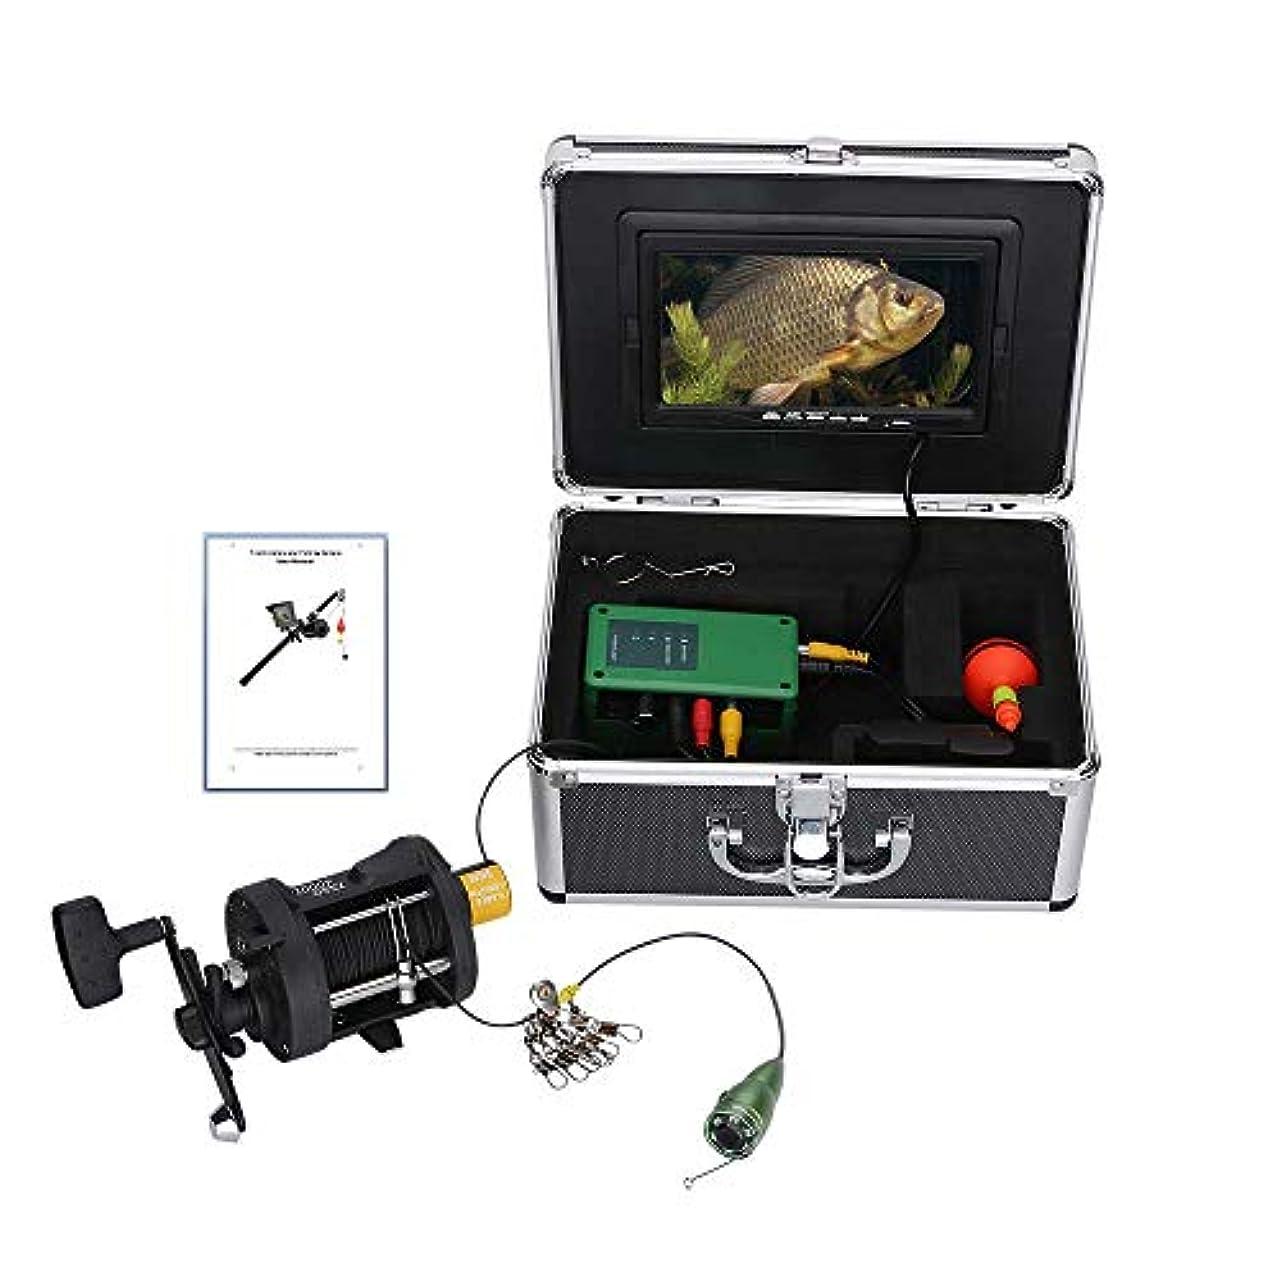 机歌手実用的水中フィッシュファインダー HD 水中カメラ7インチ液晶モニター IP68 防水1000tvl 水中釣りカメラ (25m)